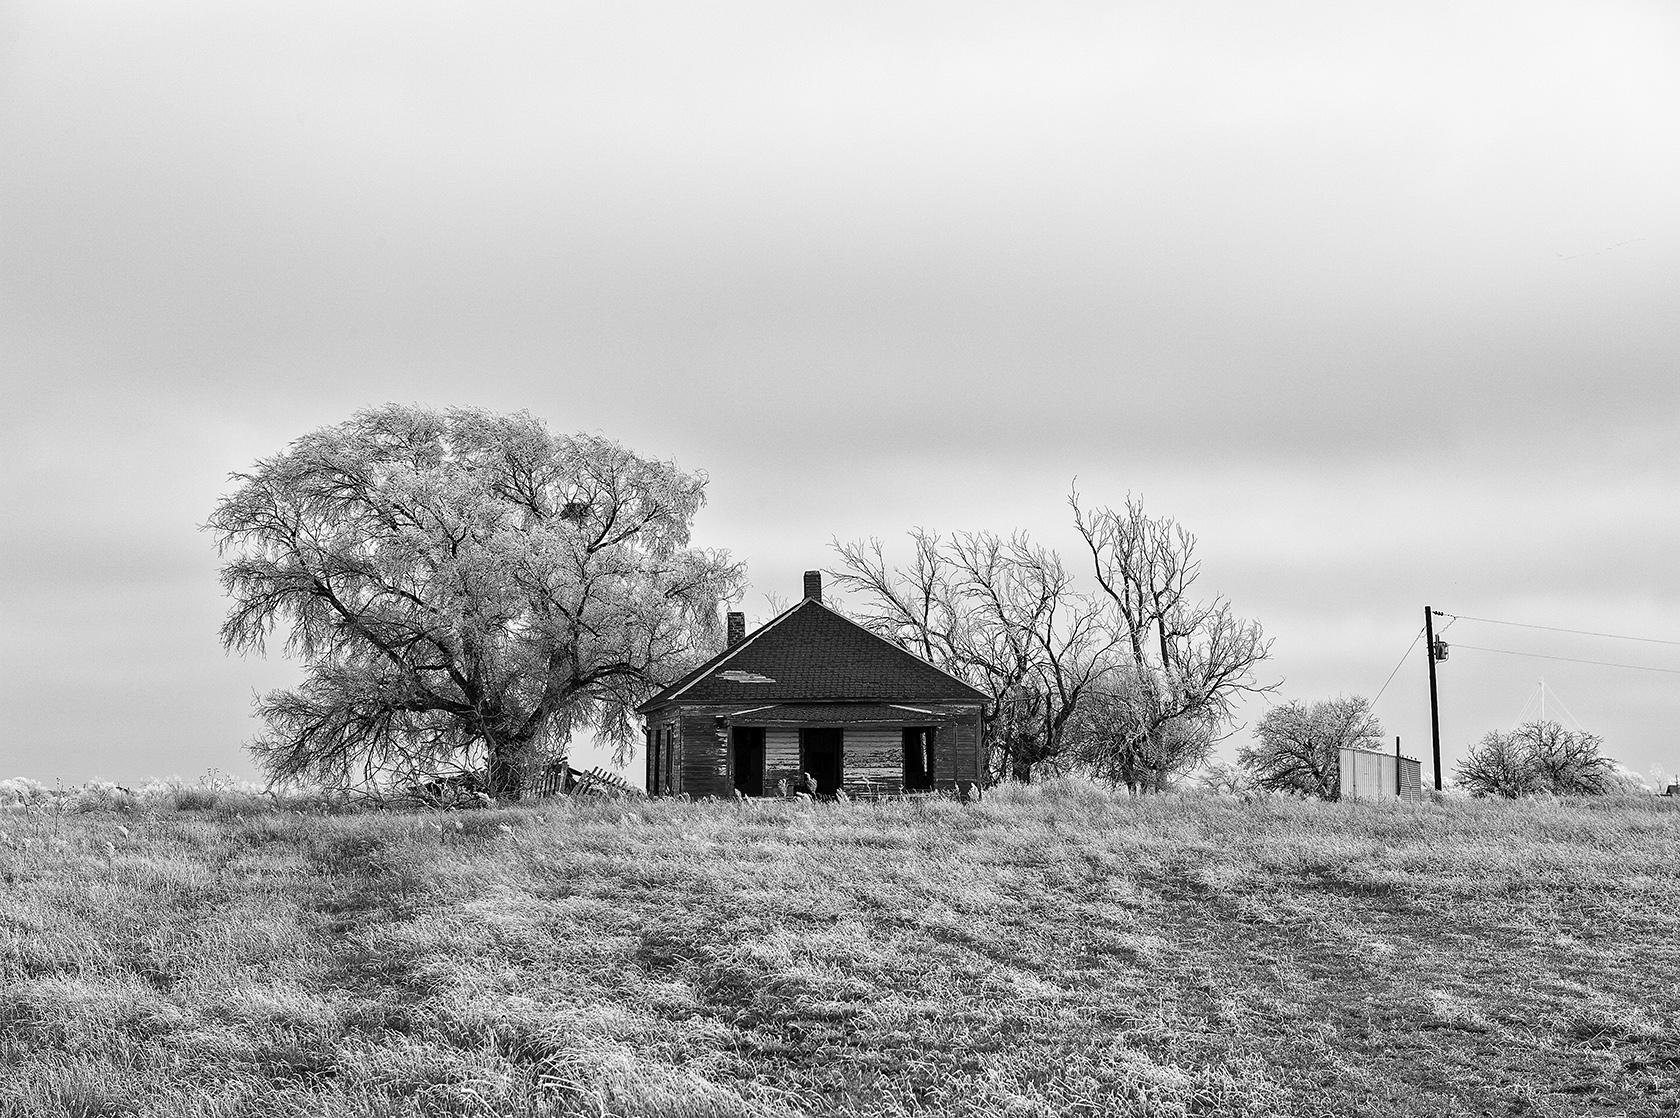 Near-Dalhart-Texas-2010